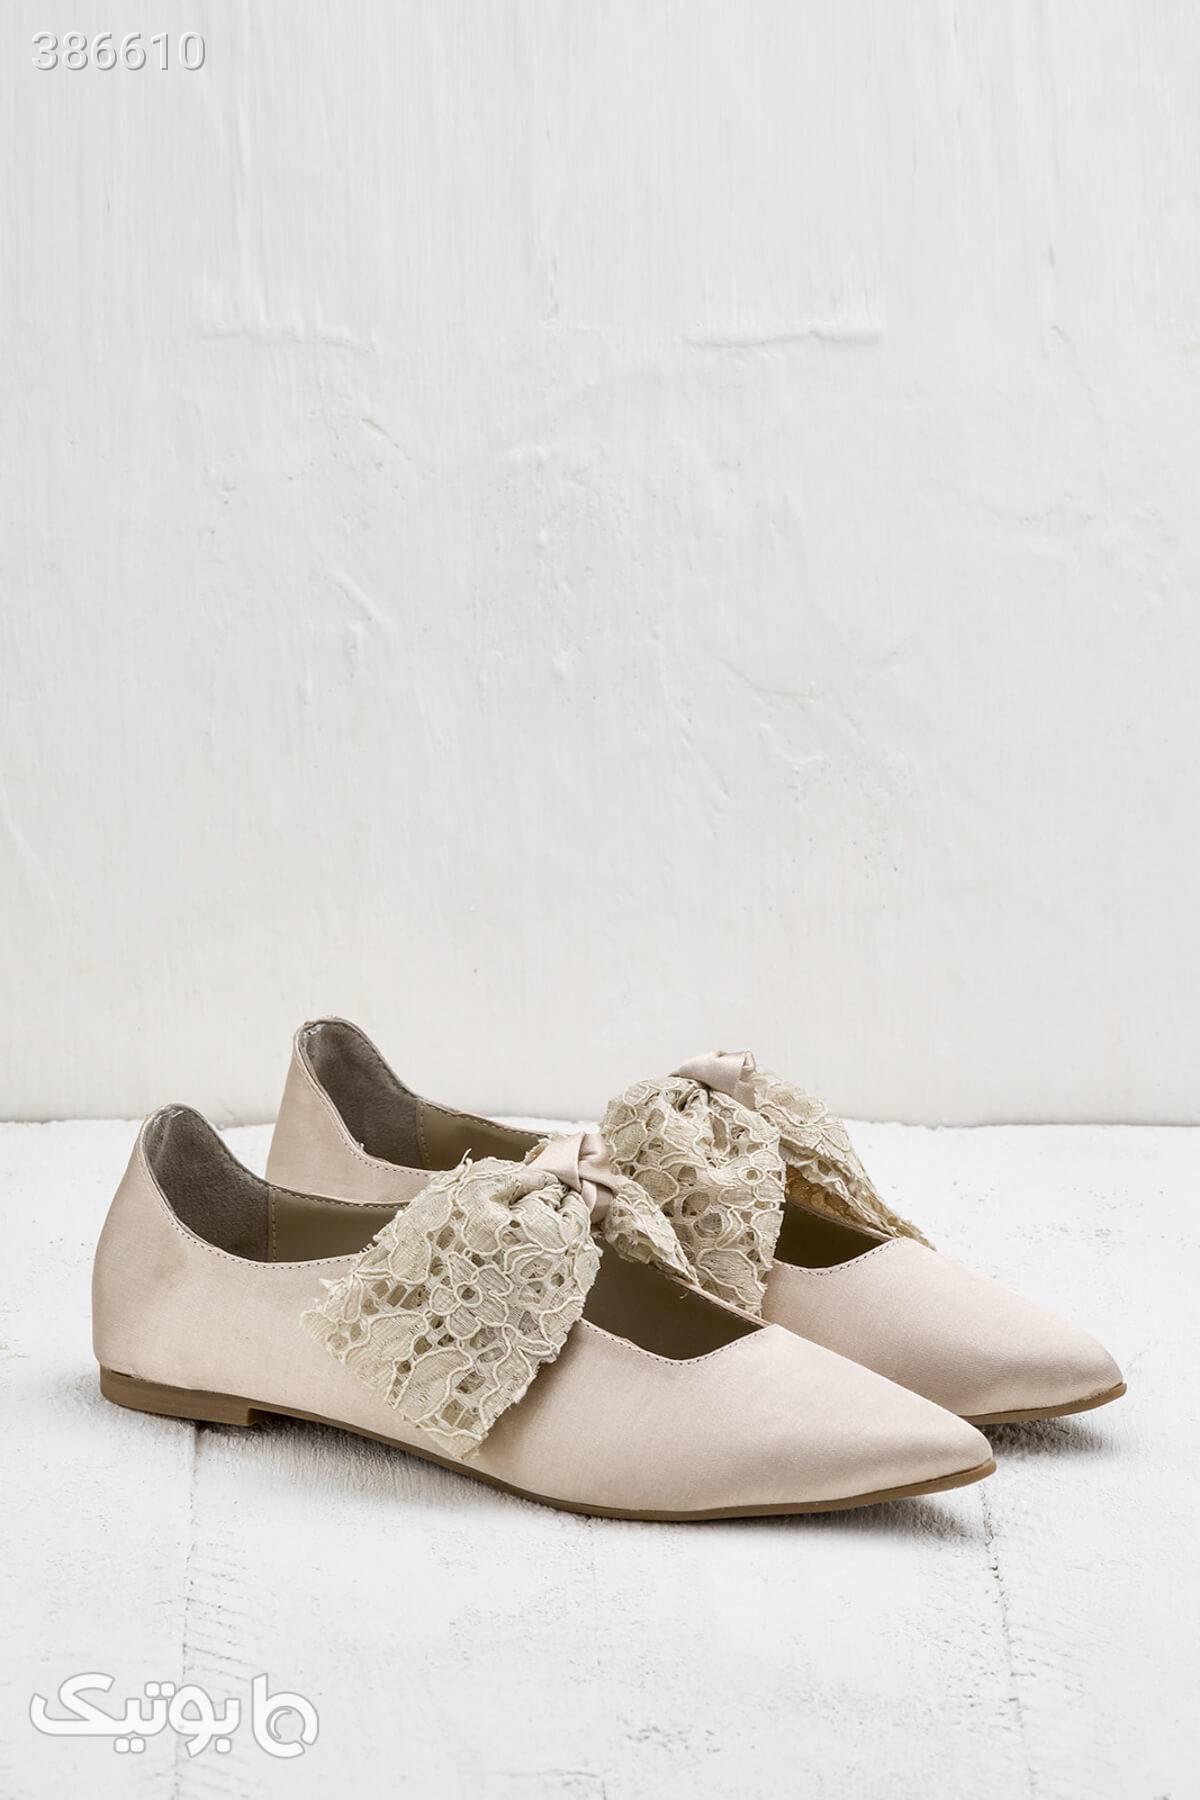 خرید کفش پاشنه دار برند الی Elle کد ۸۸۷۹ مستقیم از ترکیه کرم كفش زنانه